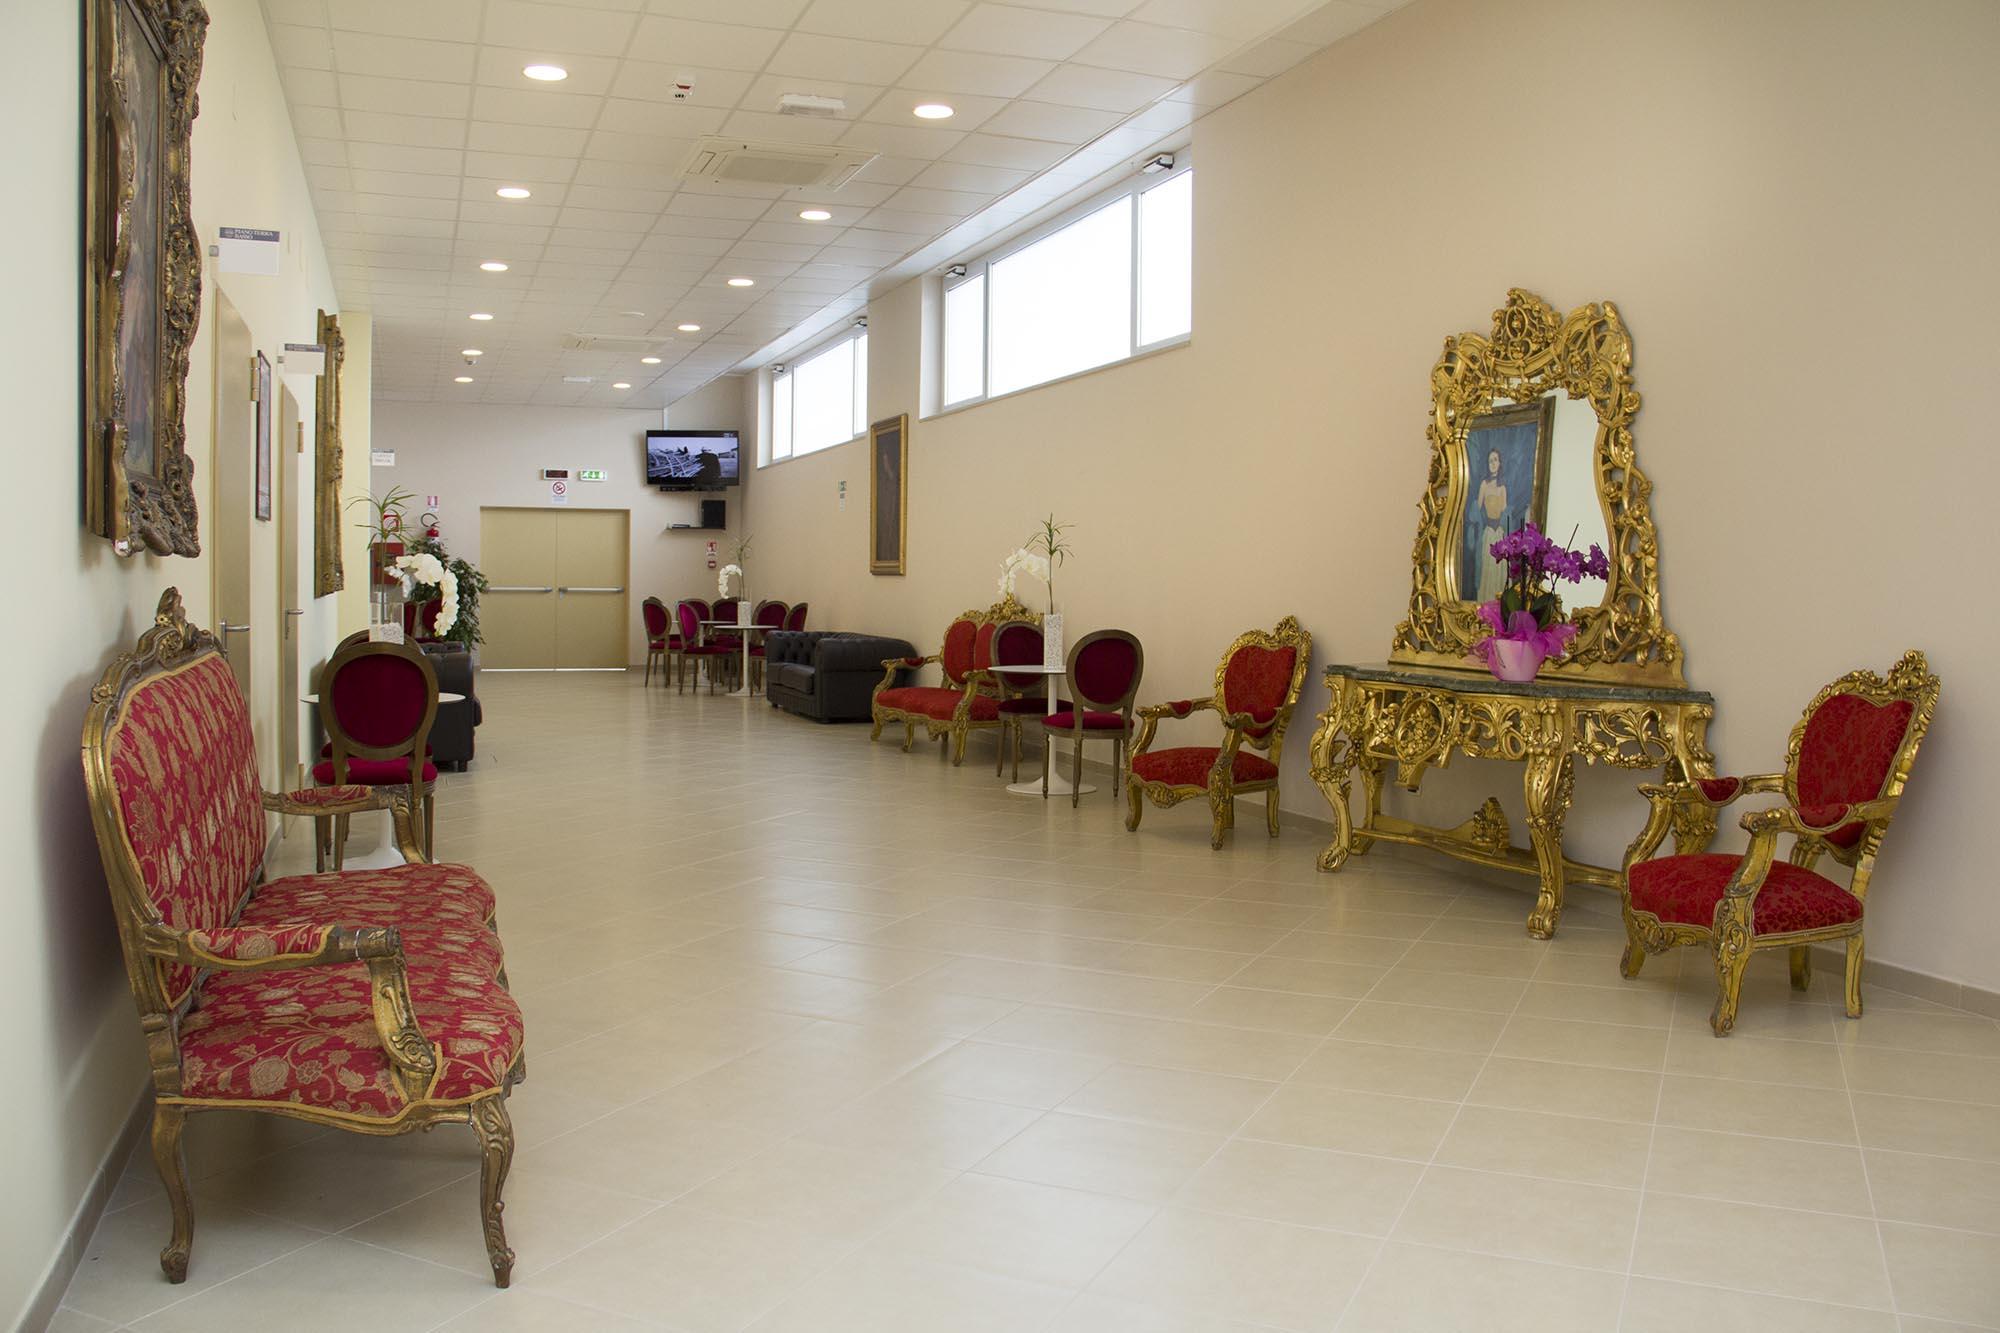 Palazzo mariano rsa casa di riposo e ospitalit per for Piani di casa di palazzo